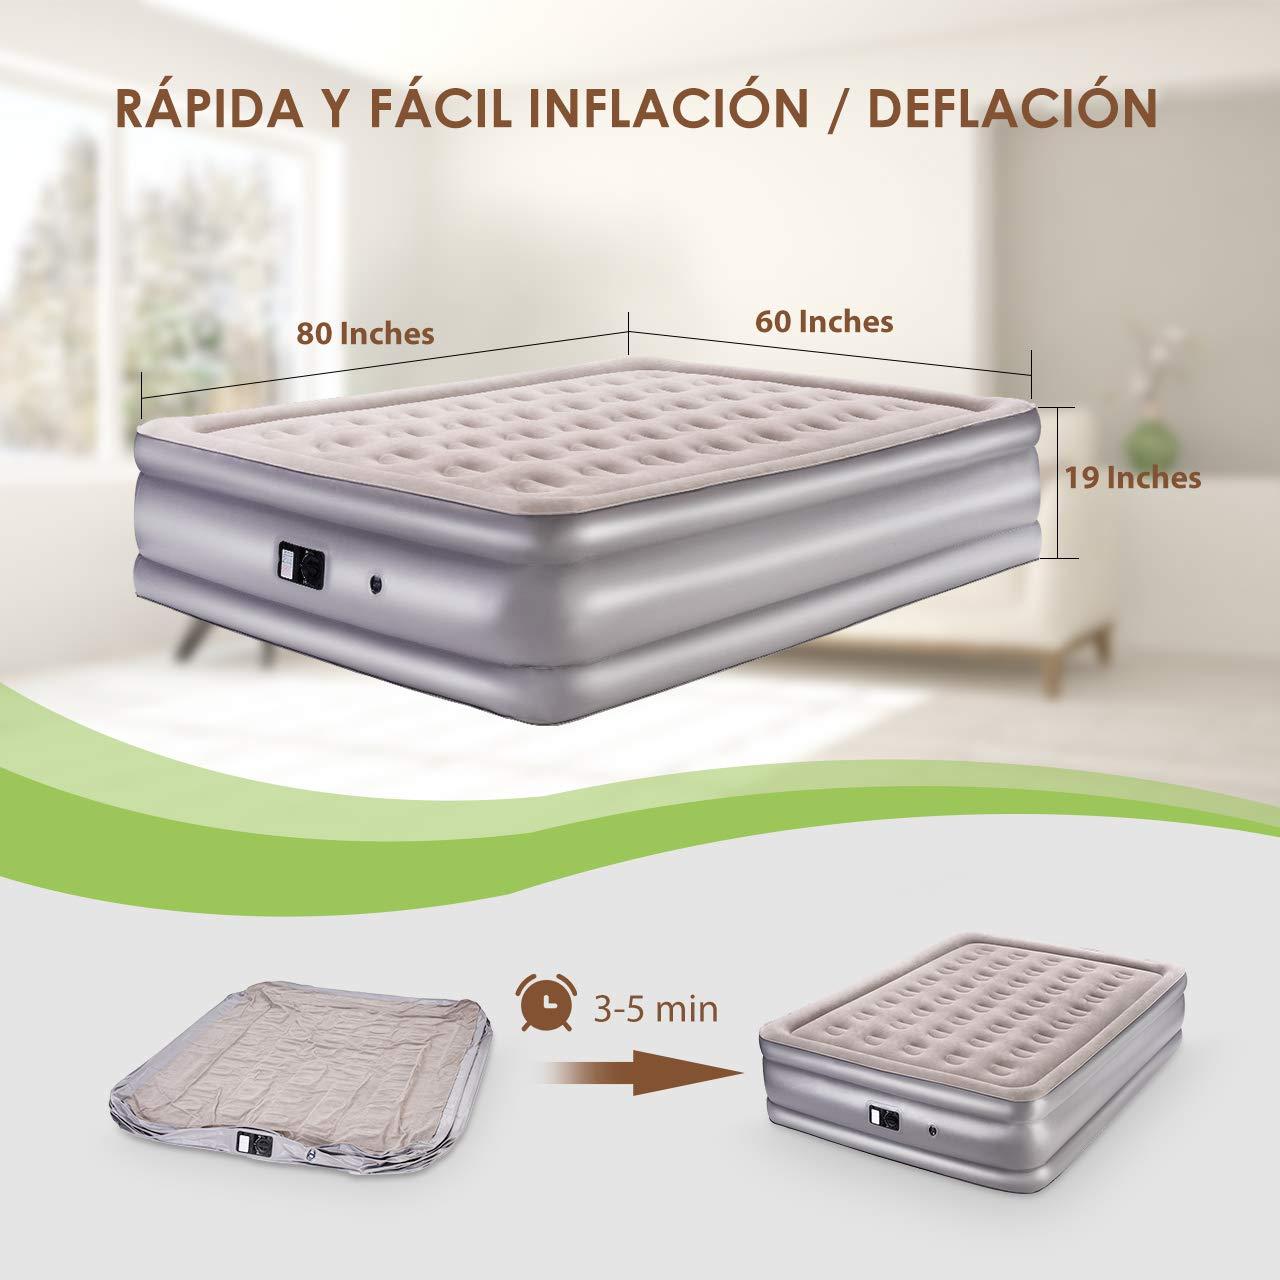 Badematratze cabecero colchón colchón inflable colchón de agua para piscina verde 58890